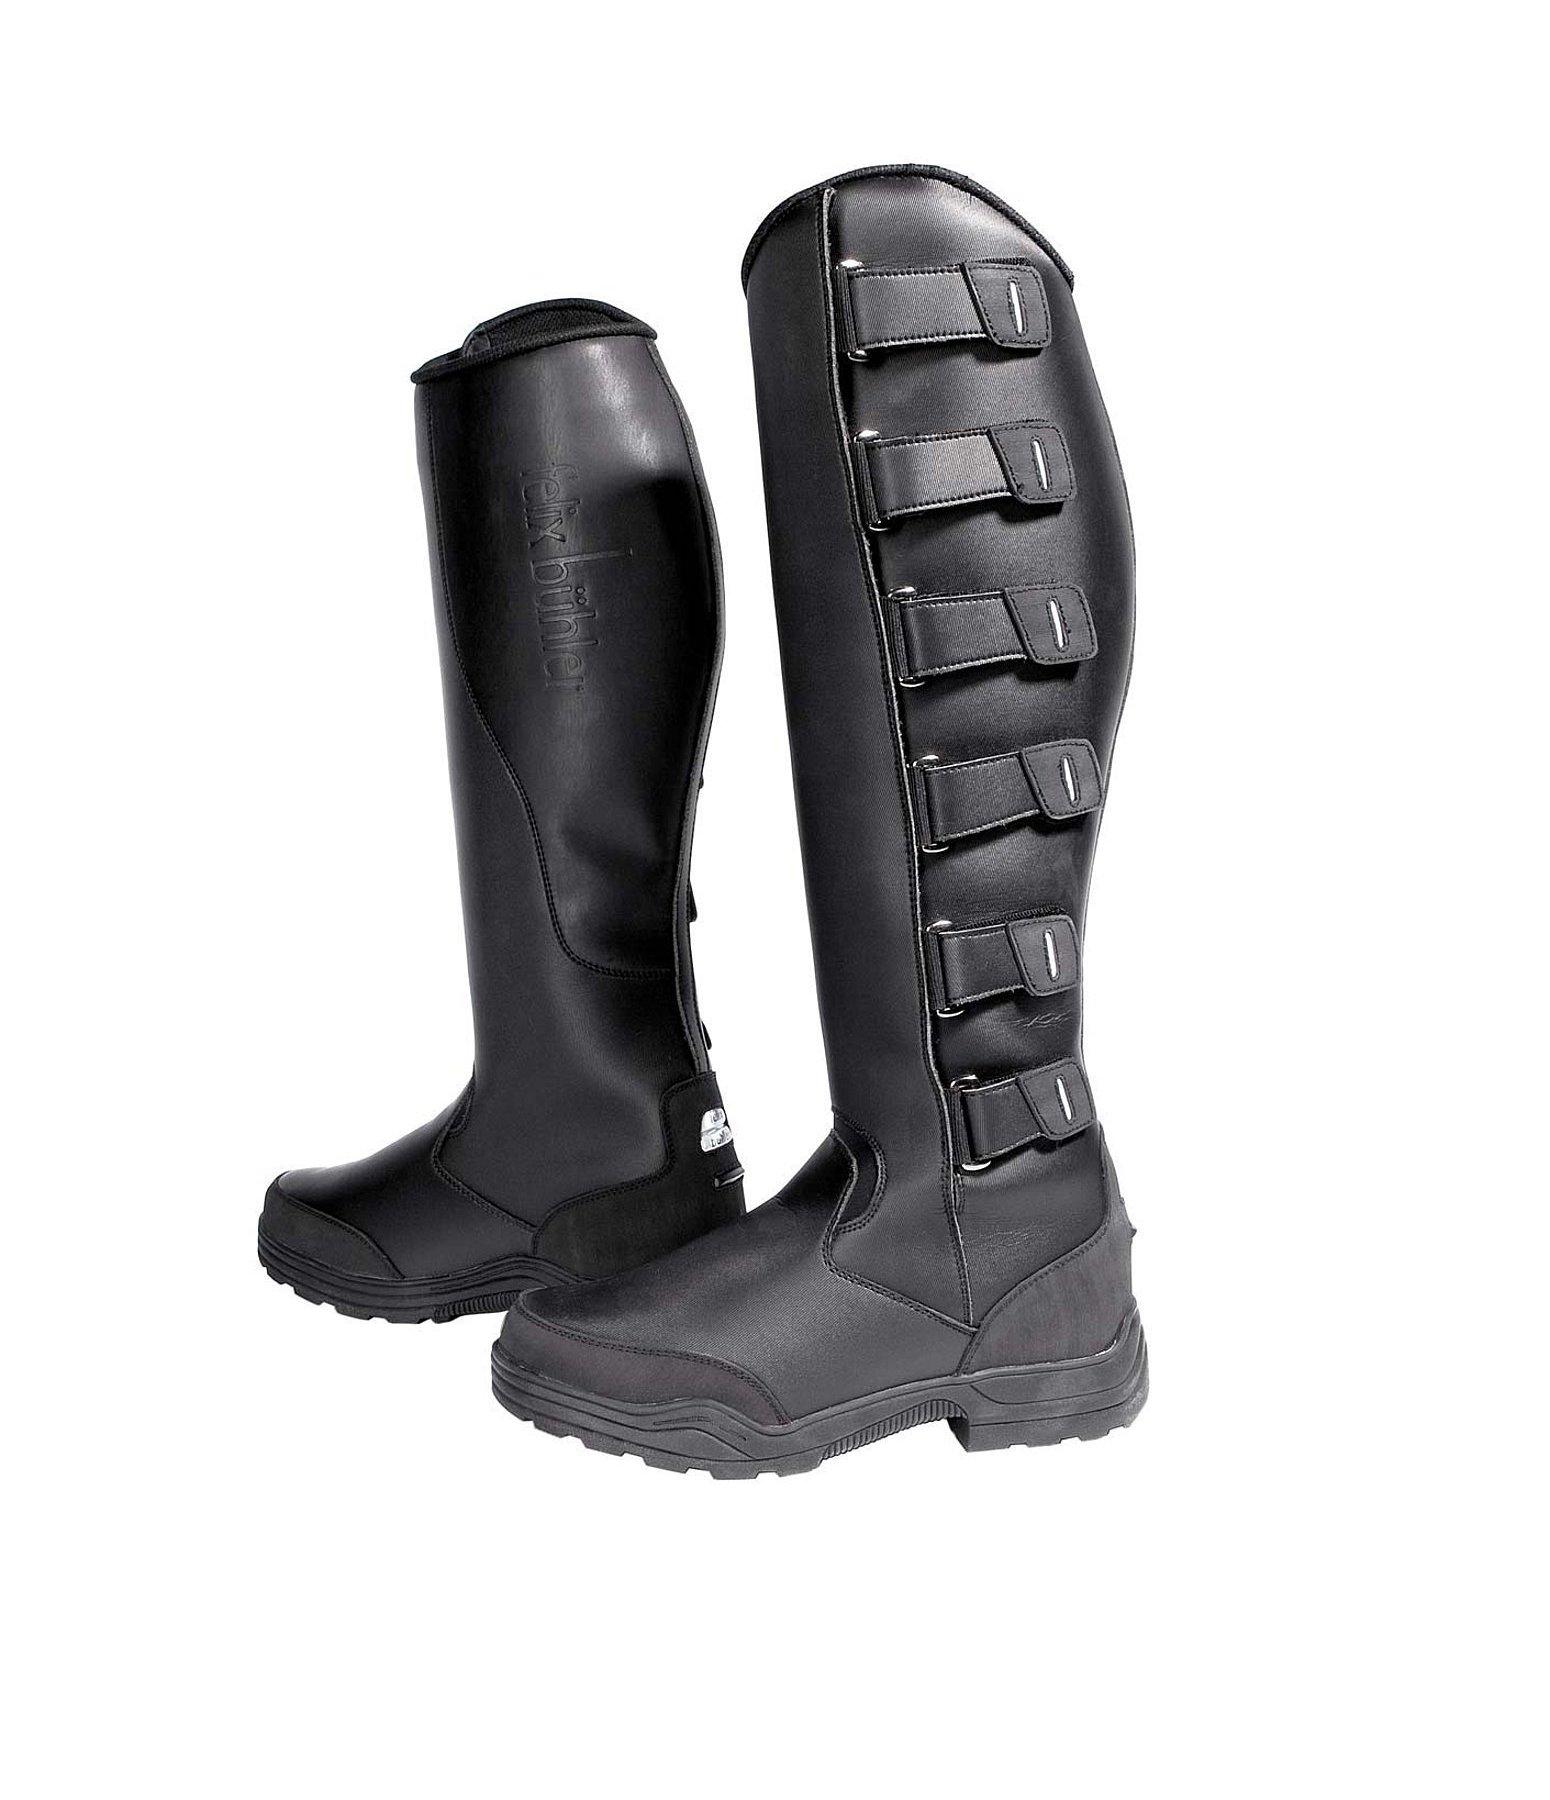 bottes d'équitation d'hiver